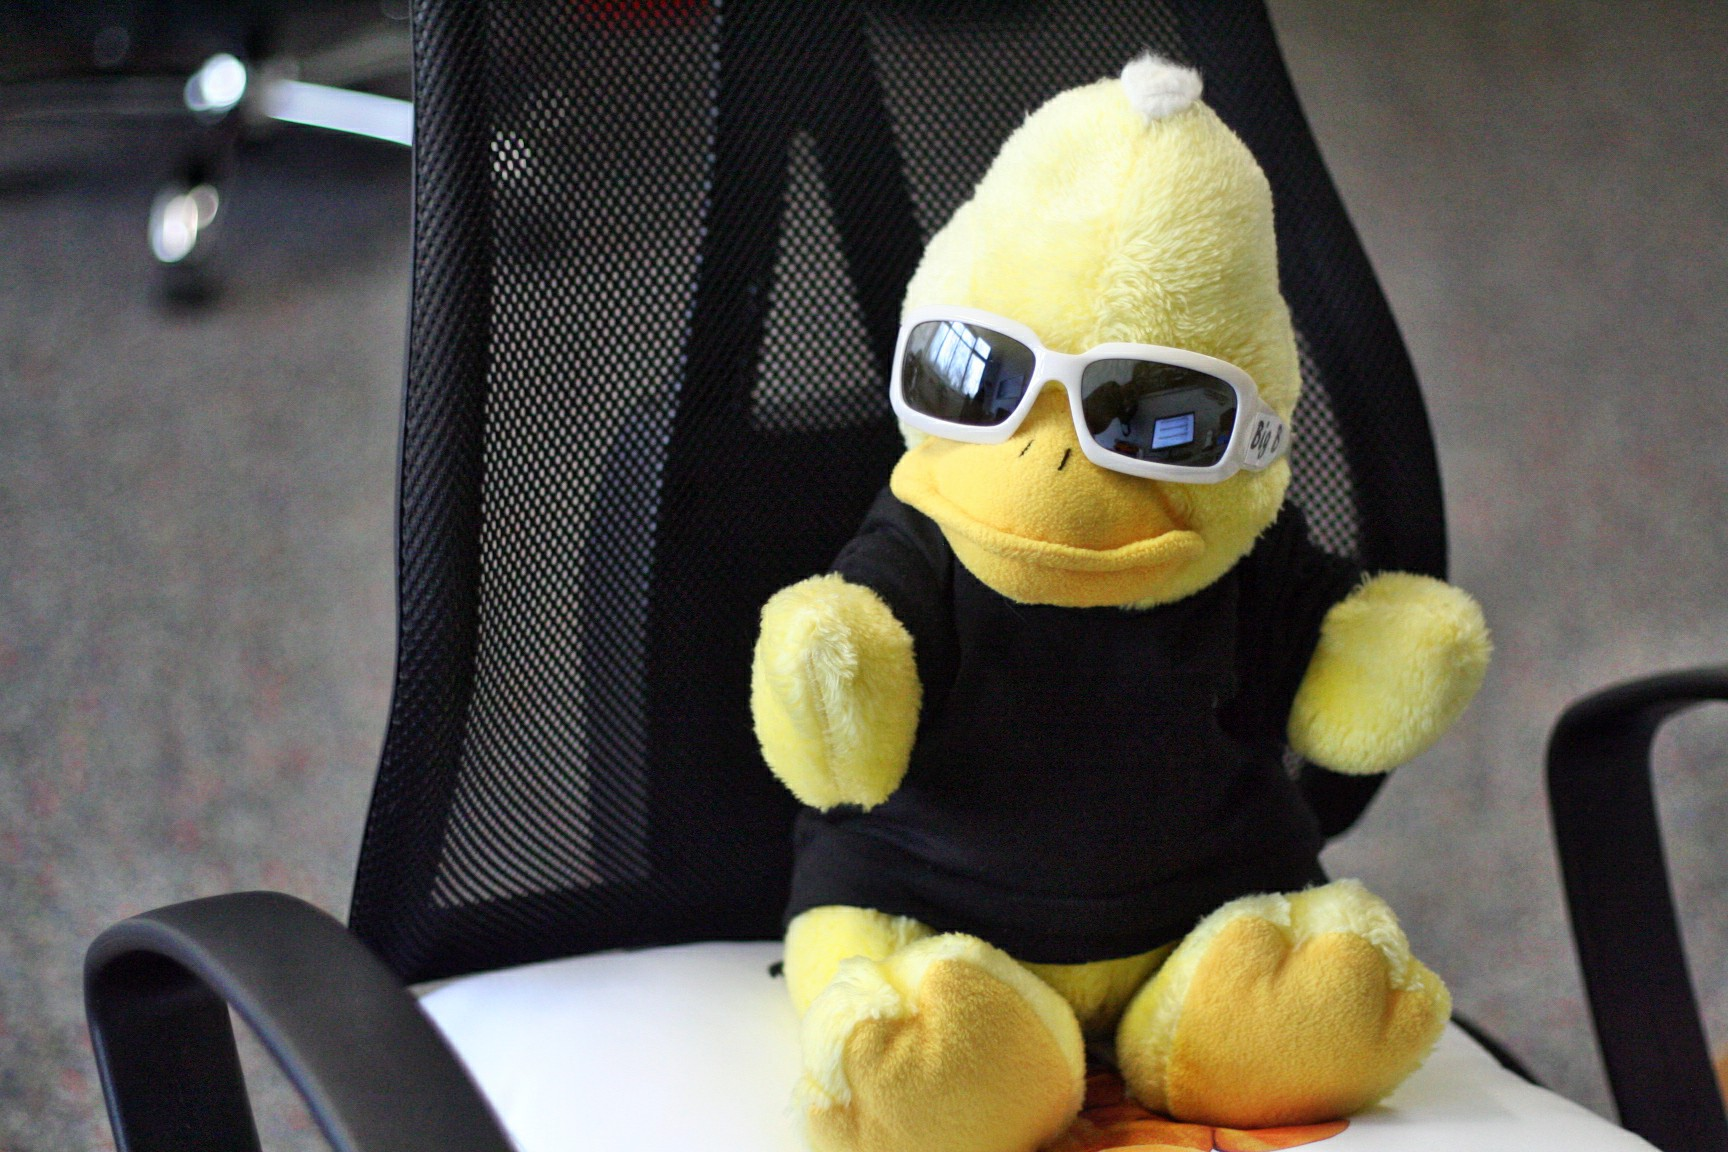 Bereits seit 2013 ist BigB das Motiv zahlreicher Accessoires, die im eigenen Onlineshop vertrieben werden. Nun legt der gelbe Erpel aus Beckum eine kreative Winterpause ein.